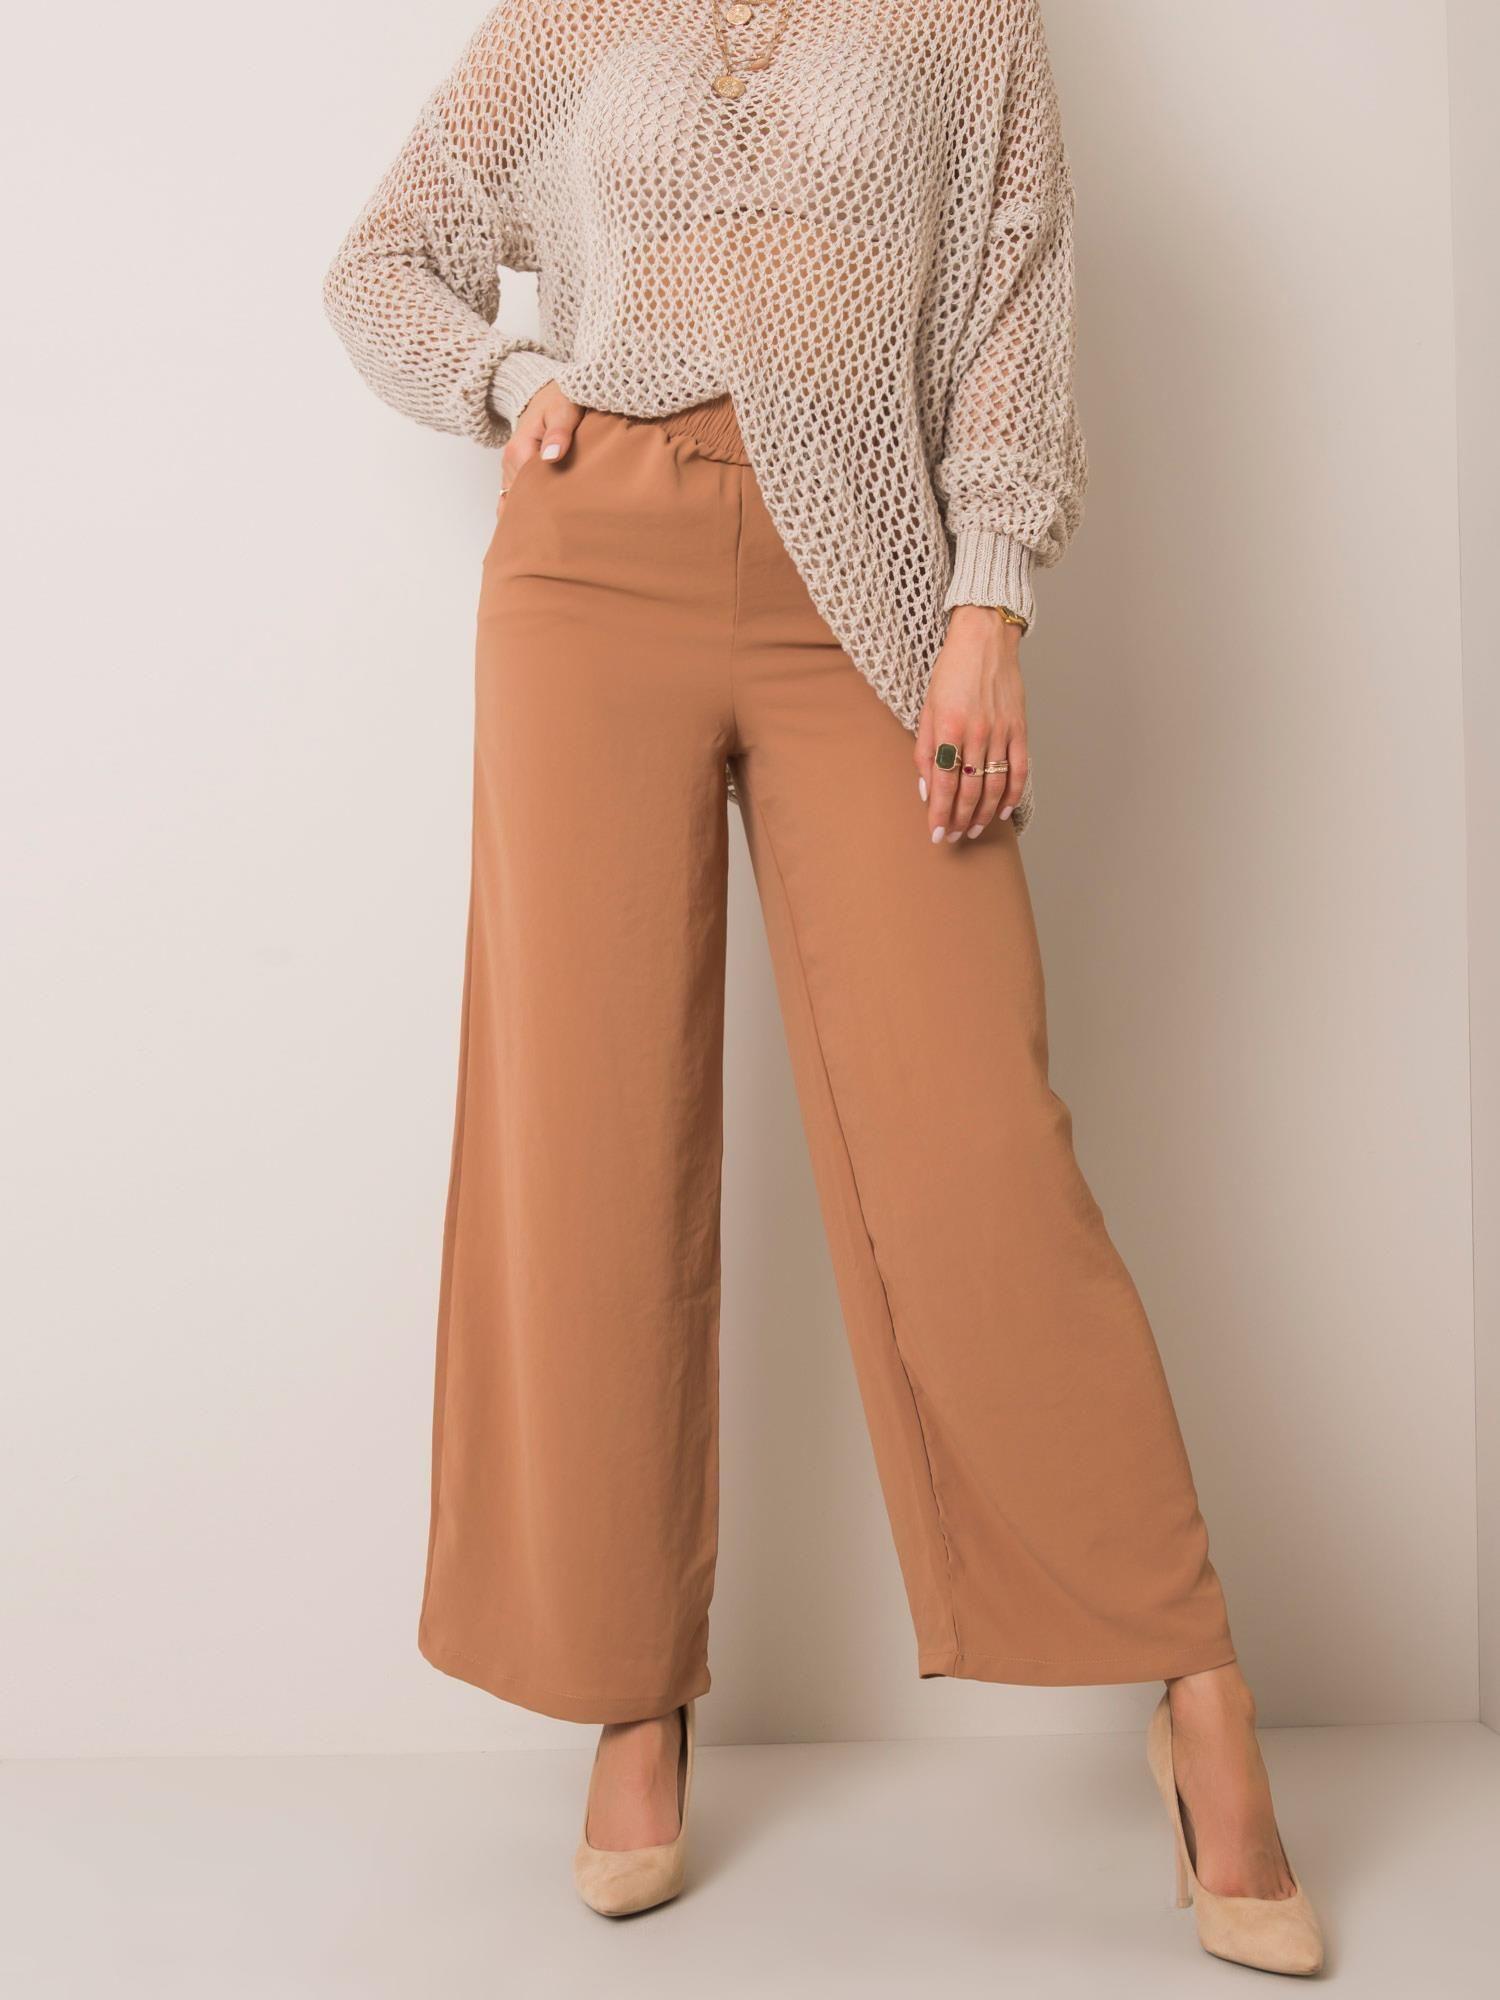 Hose in Camel mit weitem Bein Komplettansicht